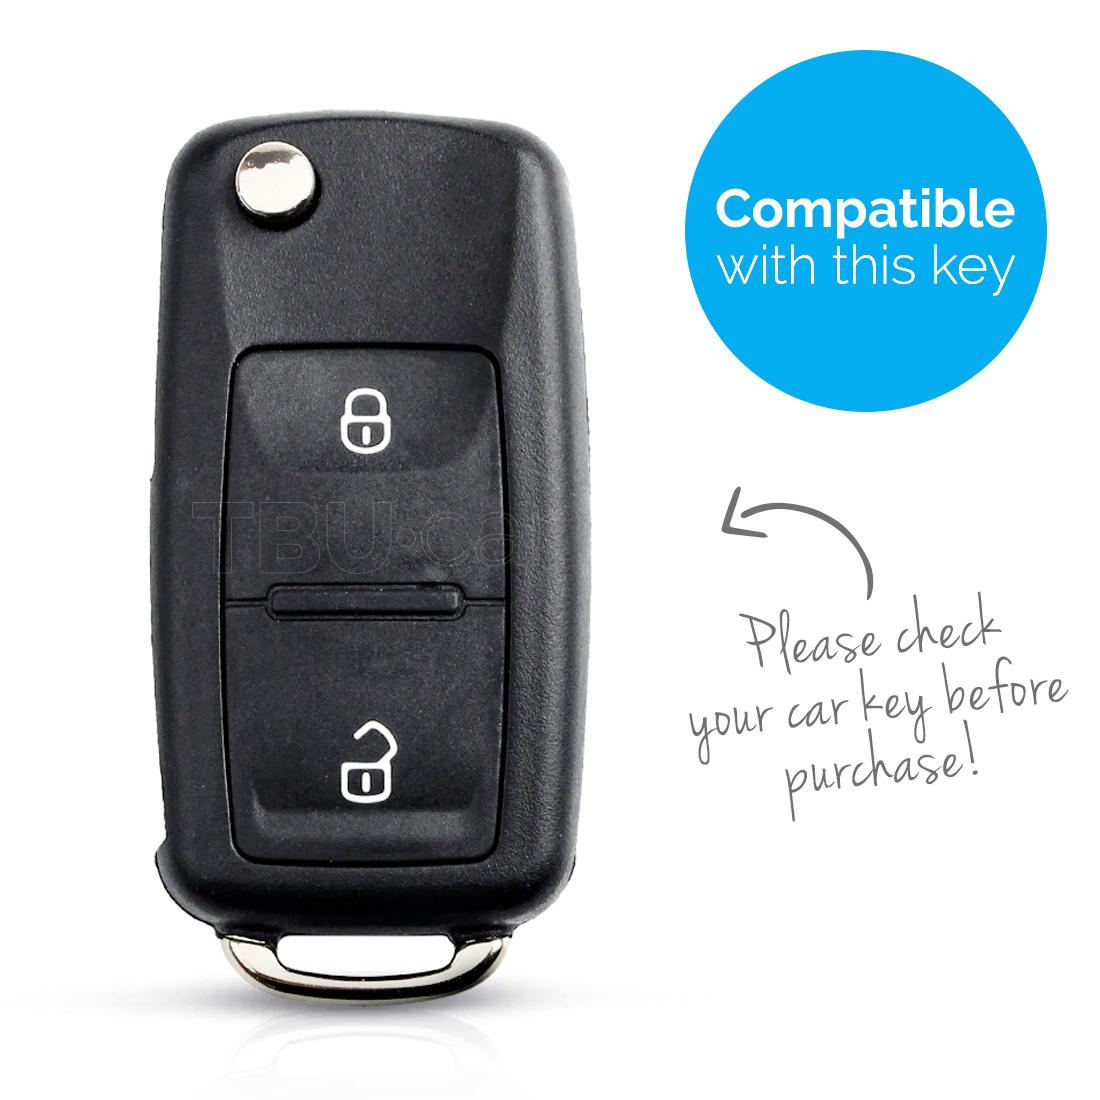 TBU car TBU car Sleutel cover compatibel met Skoda - TPU sleutel hoesje / beschermhoesje autosleutel - Goud